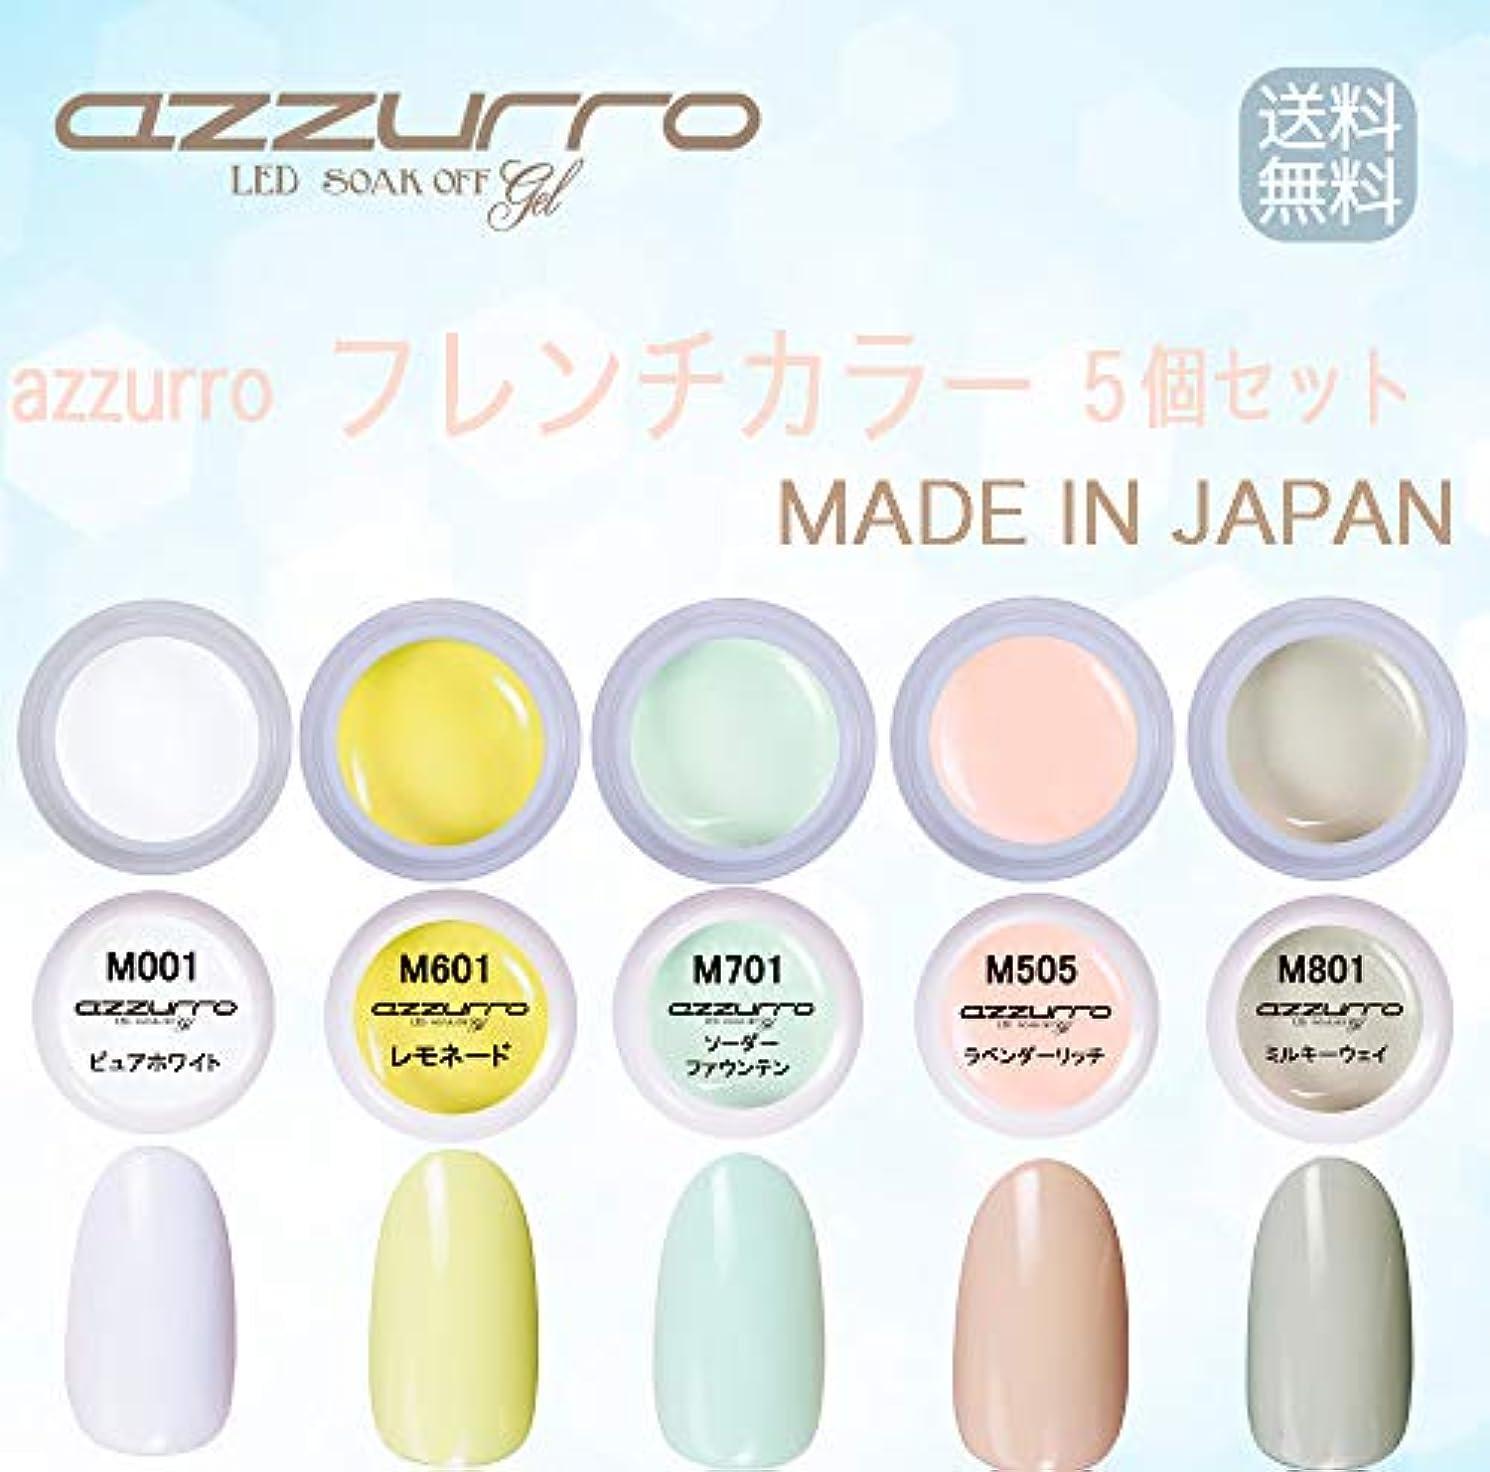 広告する欠点許す【送料無料】日本製 azzurro gel フレンチカラージェル5個セット 春にピッタリでかわいいフレンチネイルにピッタリなカラー